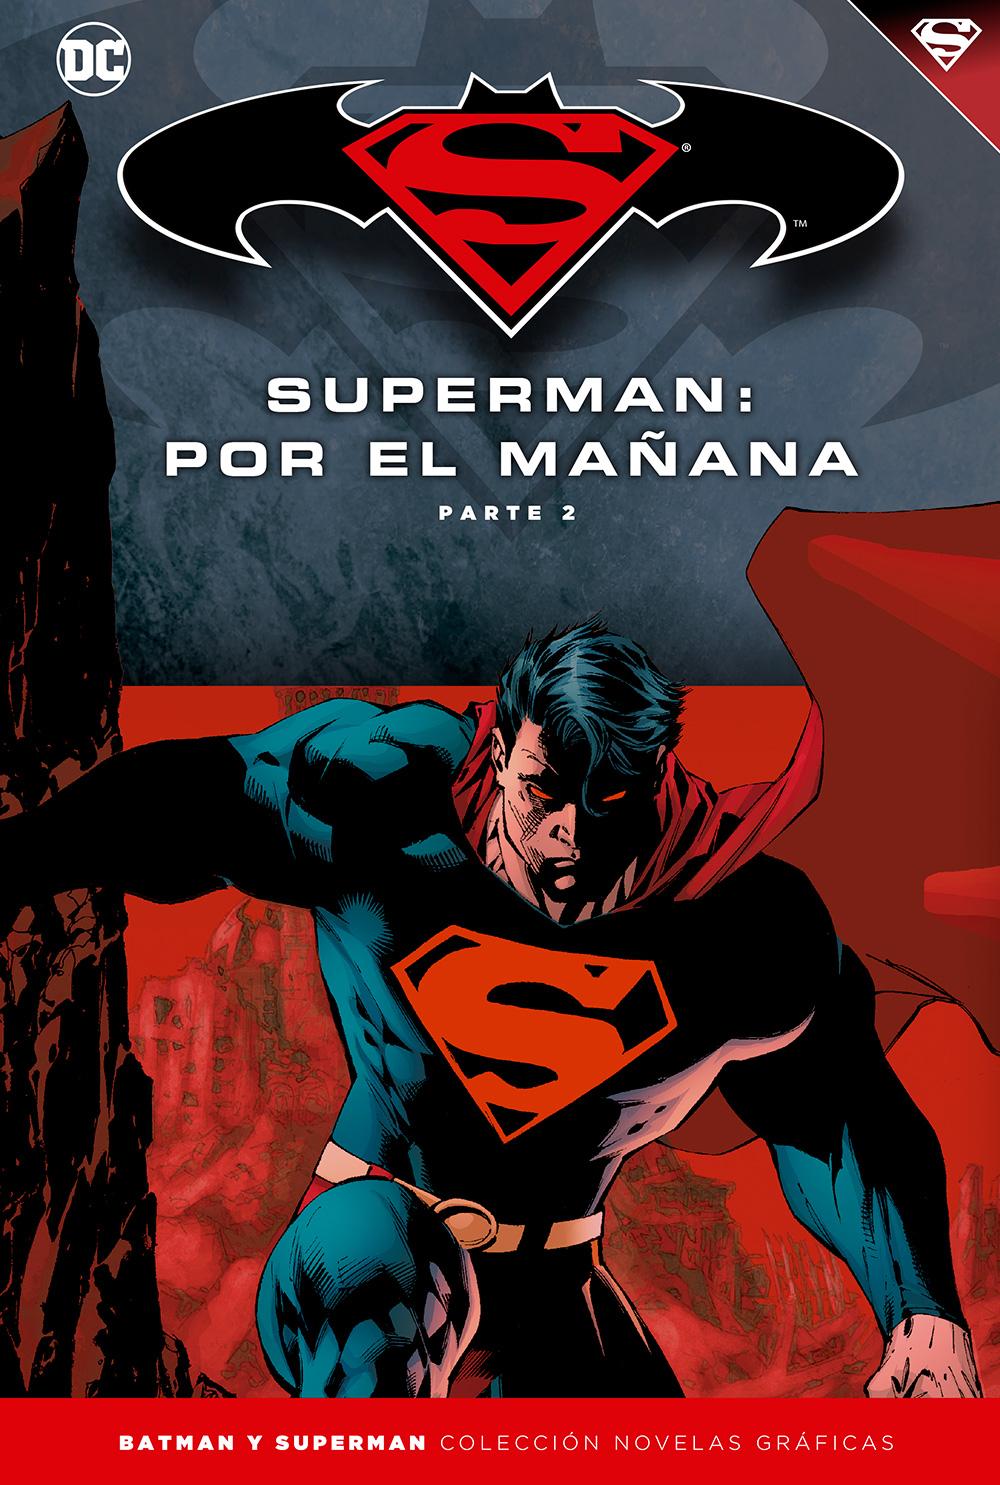 [DC - Salvat] Batman y Superman: Colección Novelas Gráficas - Página 6 Portada_BMSM_12_superman_man%CC%83ana_2_ALTA